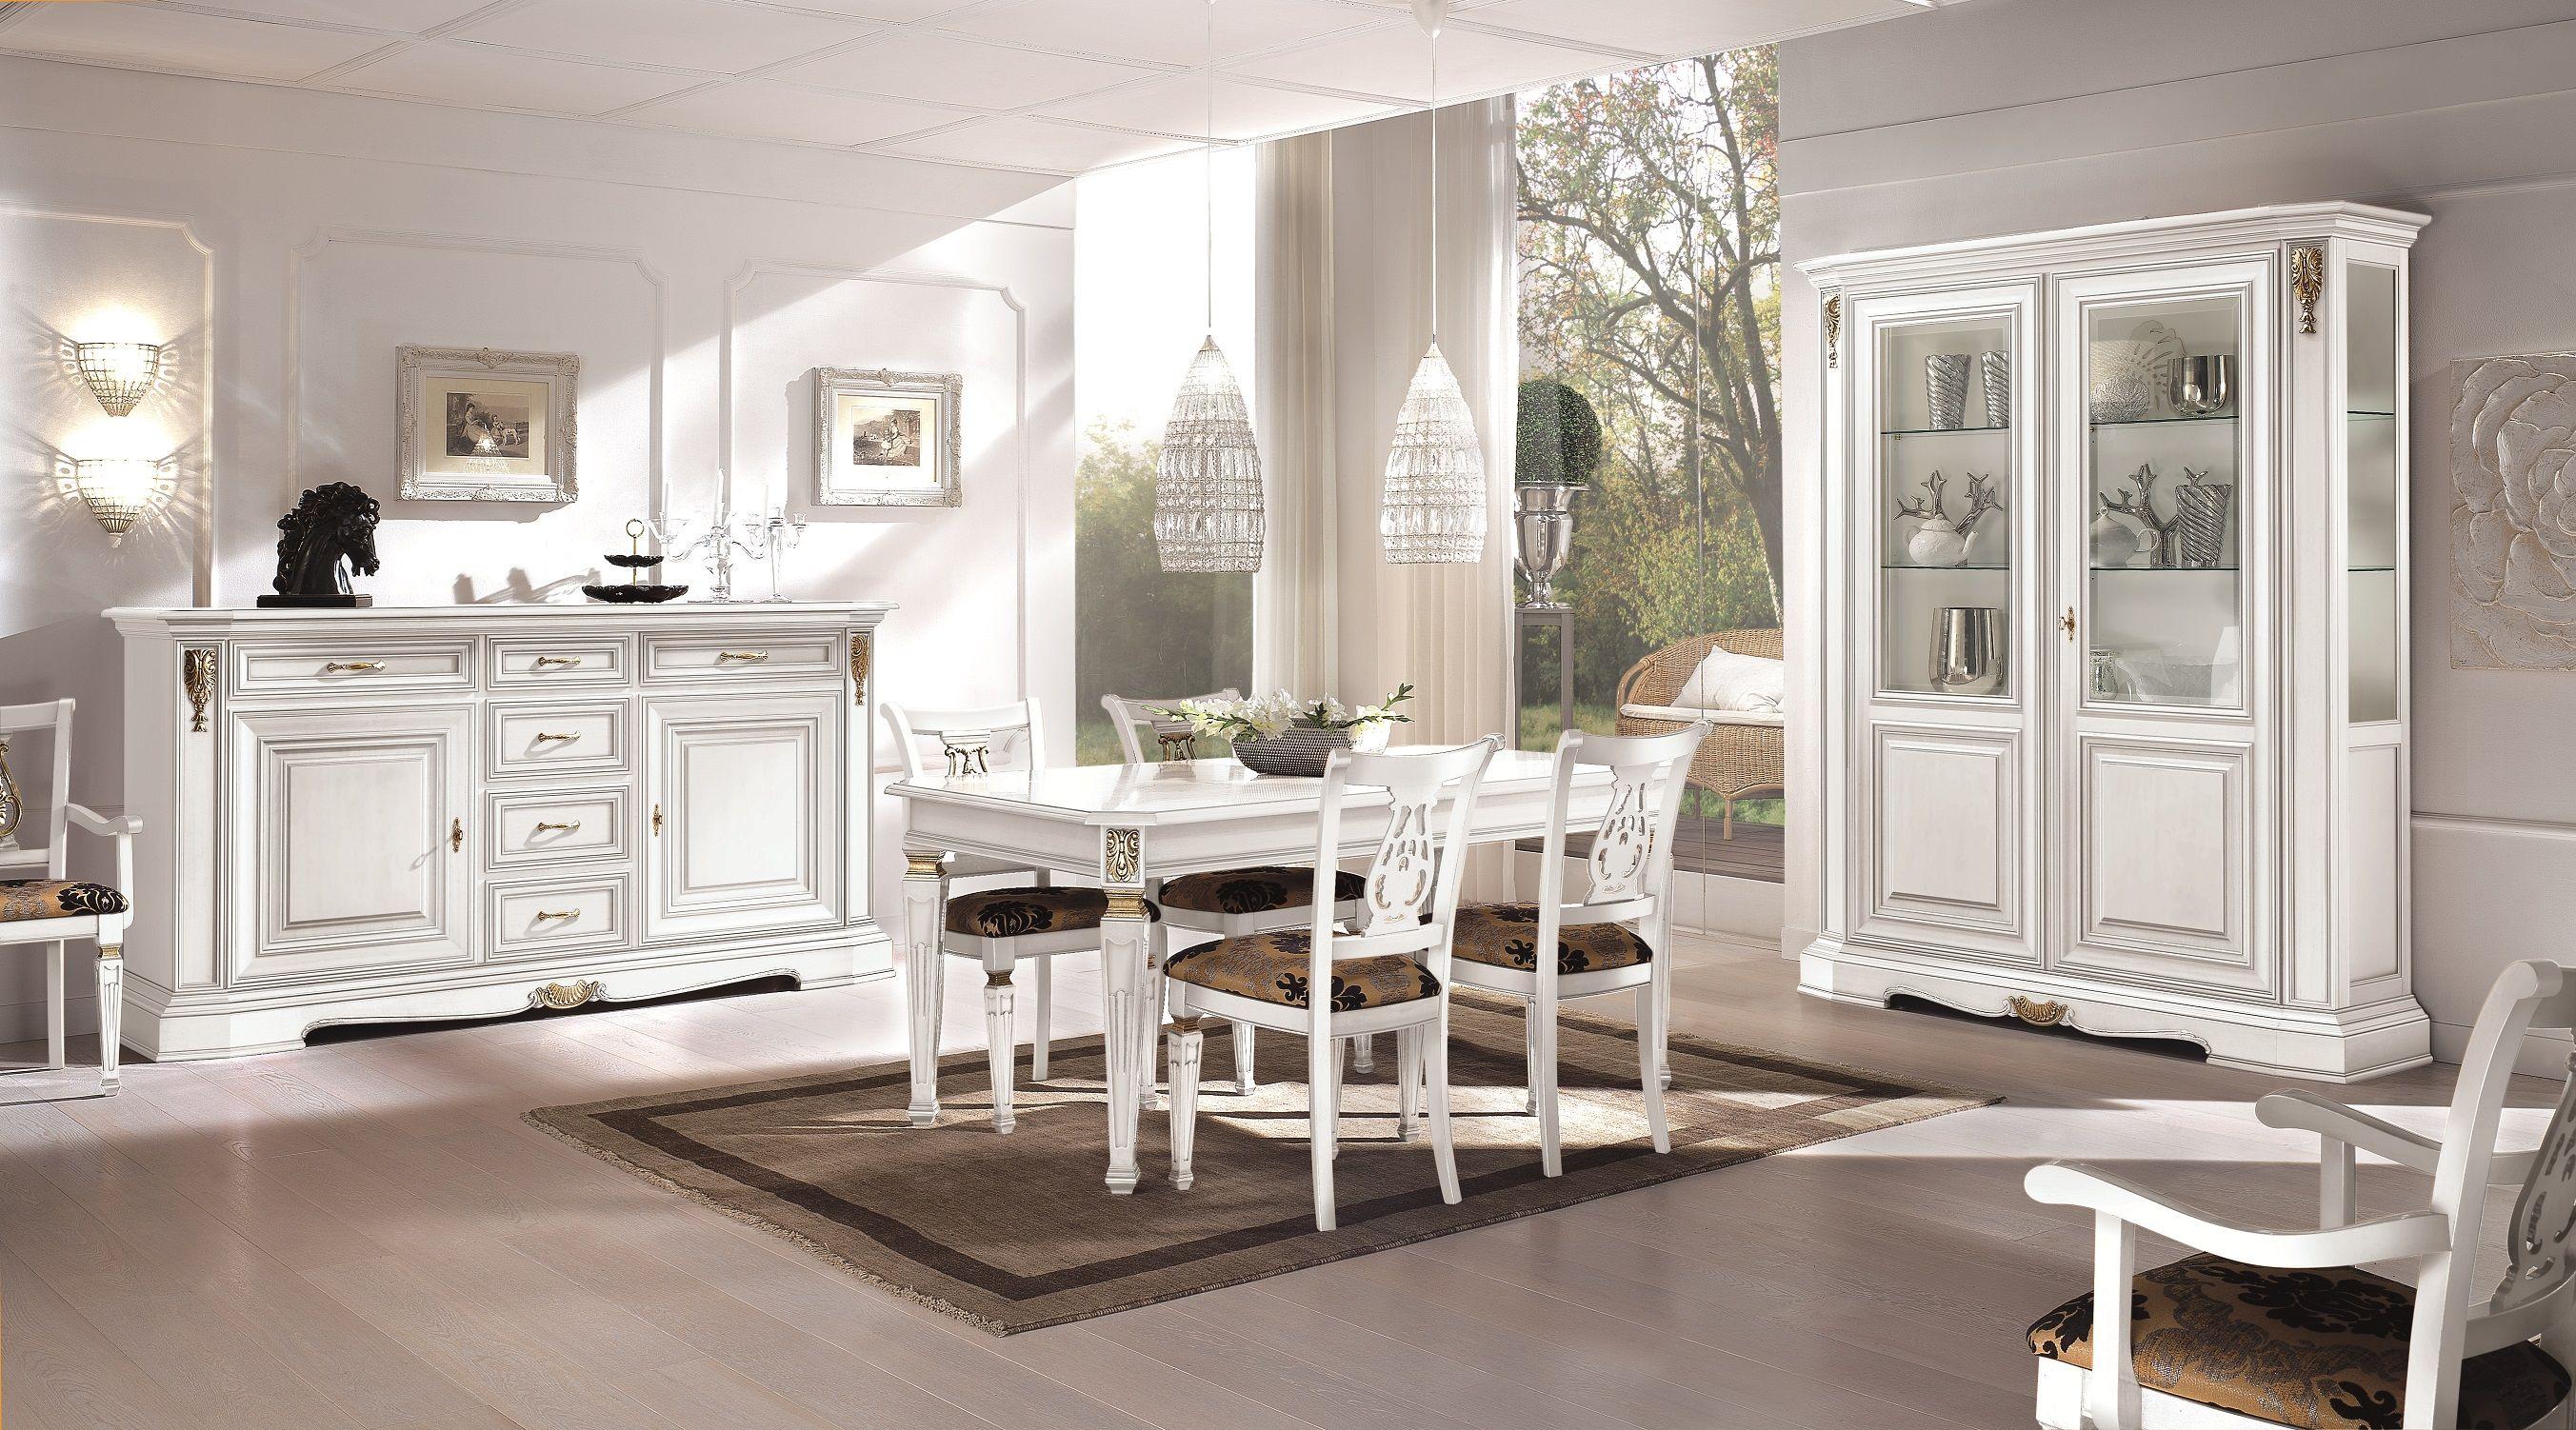 Tavoli da pranzo particolari tavoli piccoli cucina ...